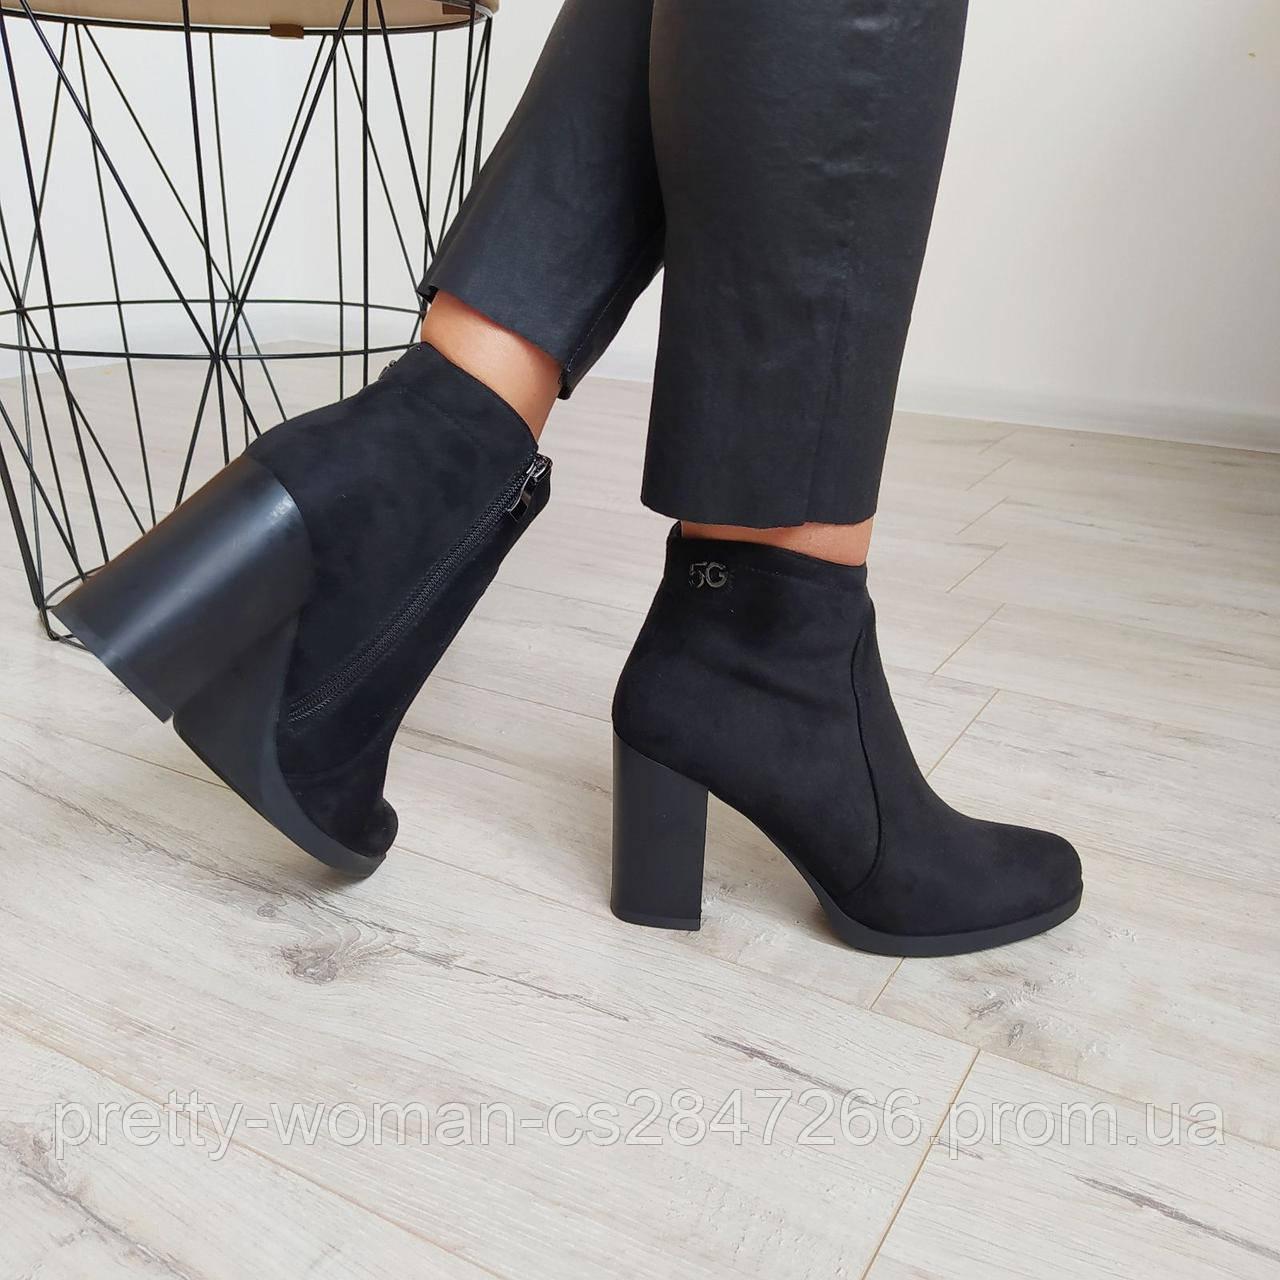 Черевики жіночі демісезонні чорні на каблуку екозамша 39